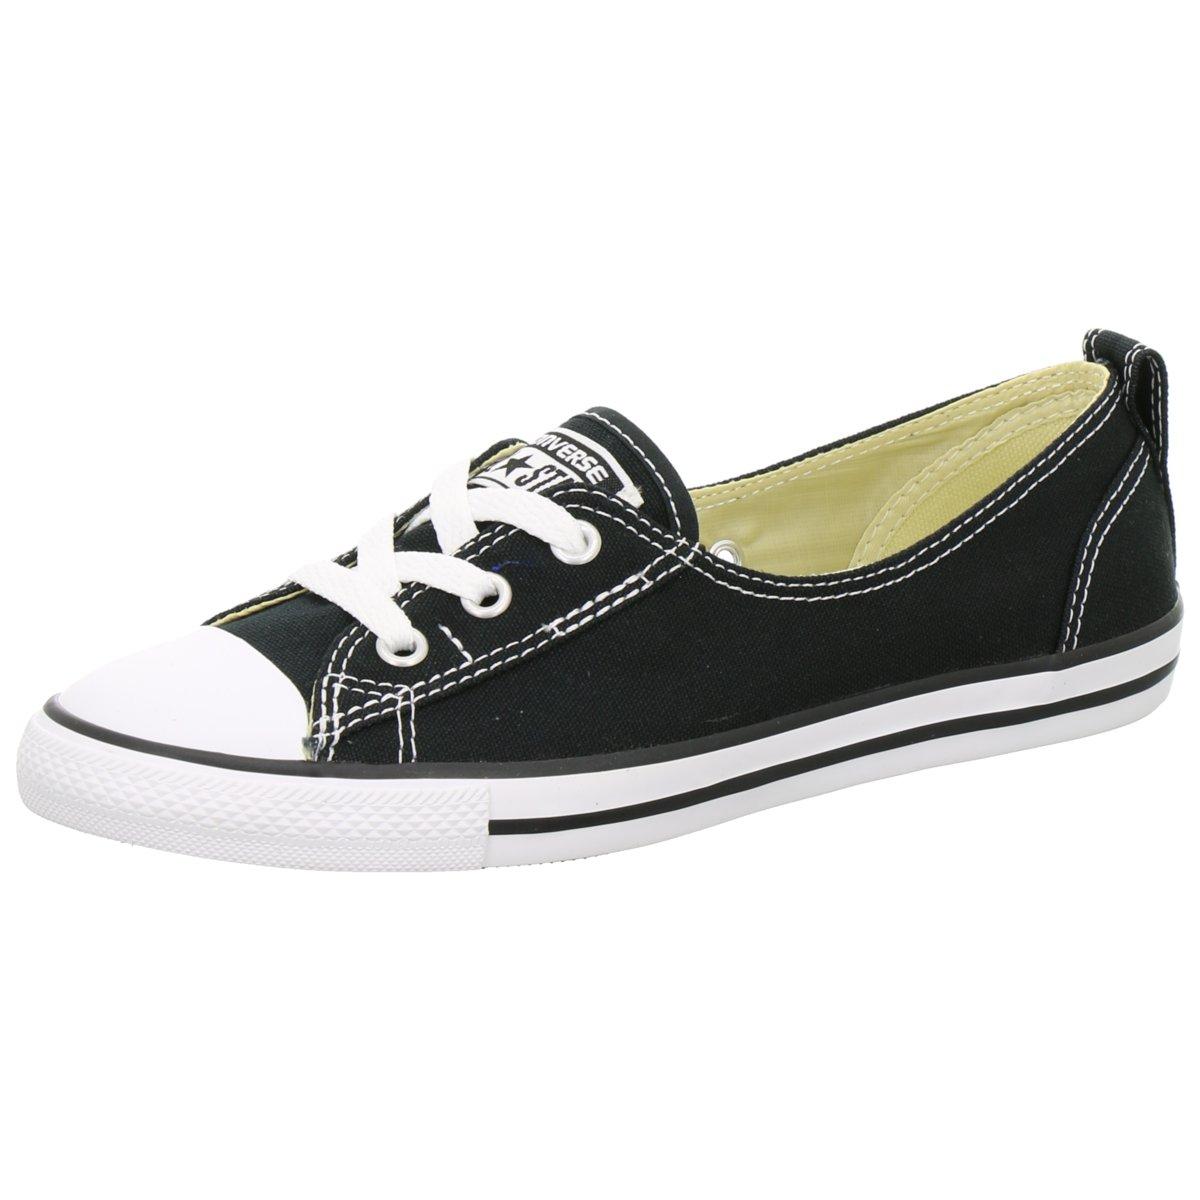 NEU Converse Damen Sneaker Chuck Taylor Bll Star Ballet Lace Damen Sneaker